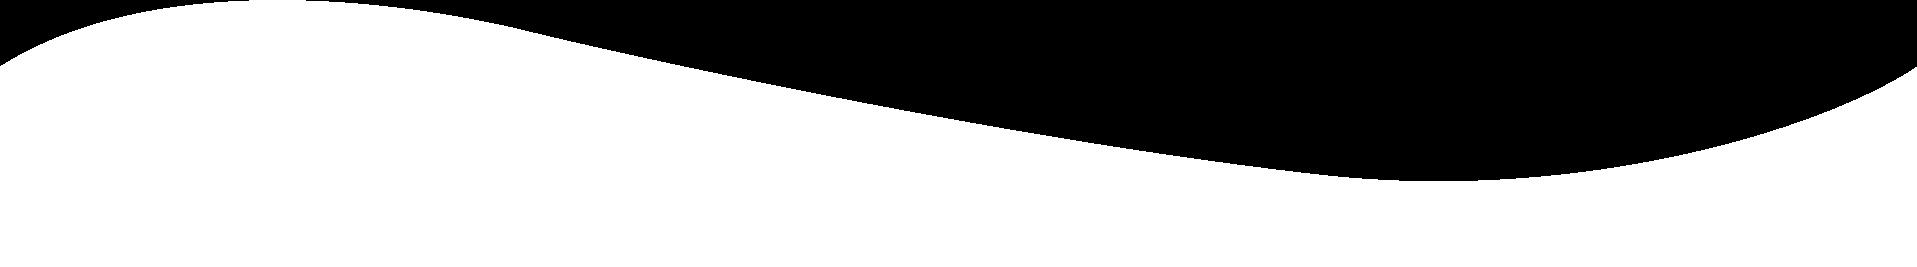 bottom-design